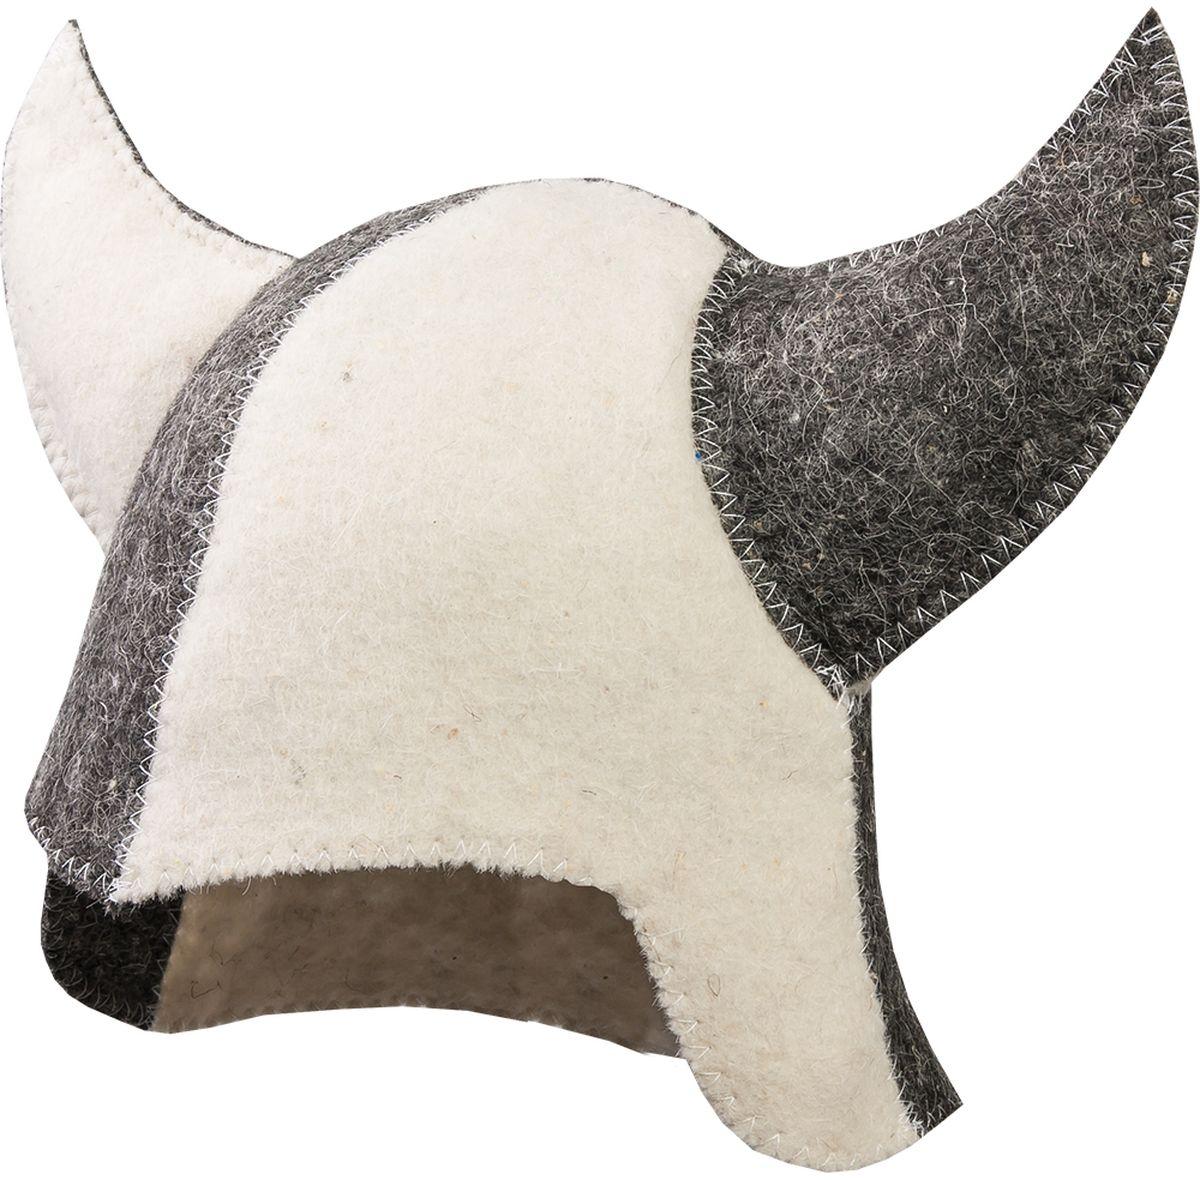 Шапка для бани и сауны Hot Pot ВикингC0042416Шапка для бани и сауны Hot Pot — это необходимый аксессуар при посещении парной. Такая шапка защитит от головокружения и перегрева головы, а также предотвратит ломкость и сухость волос. Изделие замечательно впитывает влагу, хорошо сидит на голове, обеспечивает комфорт и удовольствие от отдыха в парилке. Незаменима в традиционной русской бане, также используется в финских саунах, где температура сухого воздуха может достигать 100°С. Шапка выполнена в оригинальном дизайне.